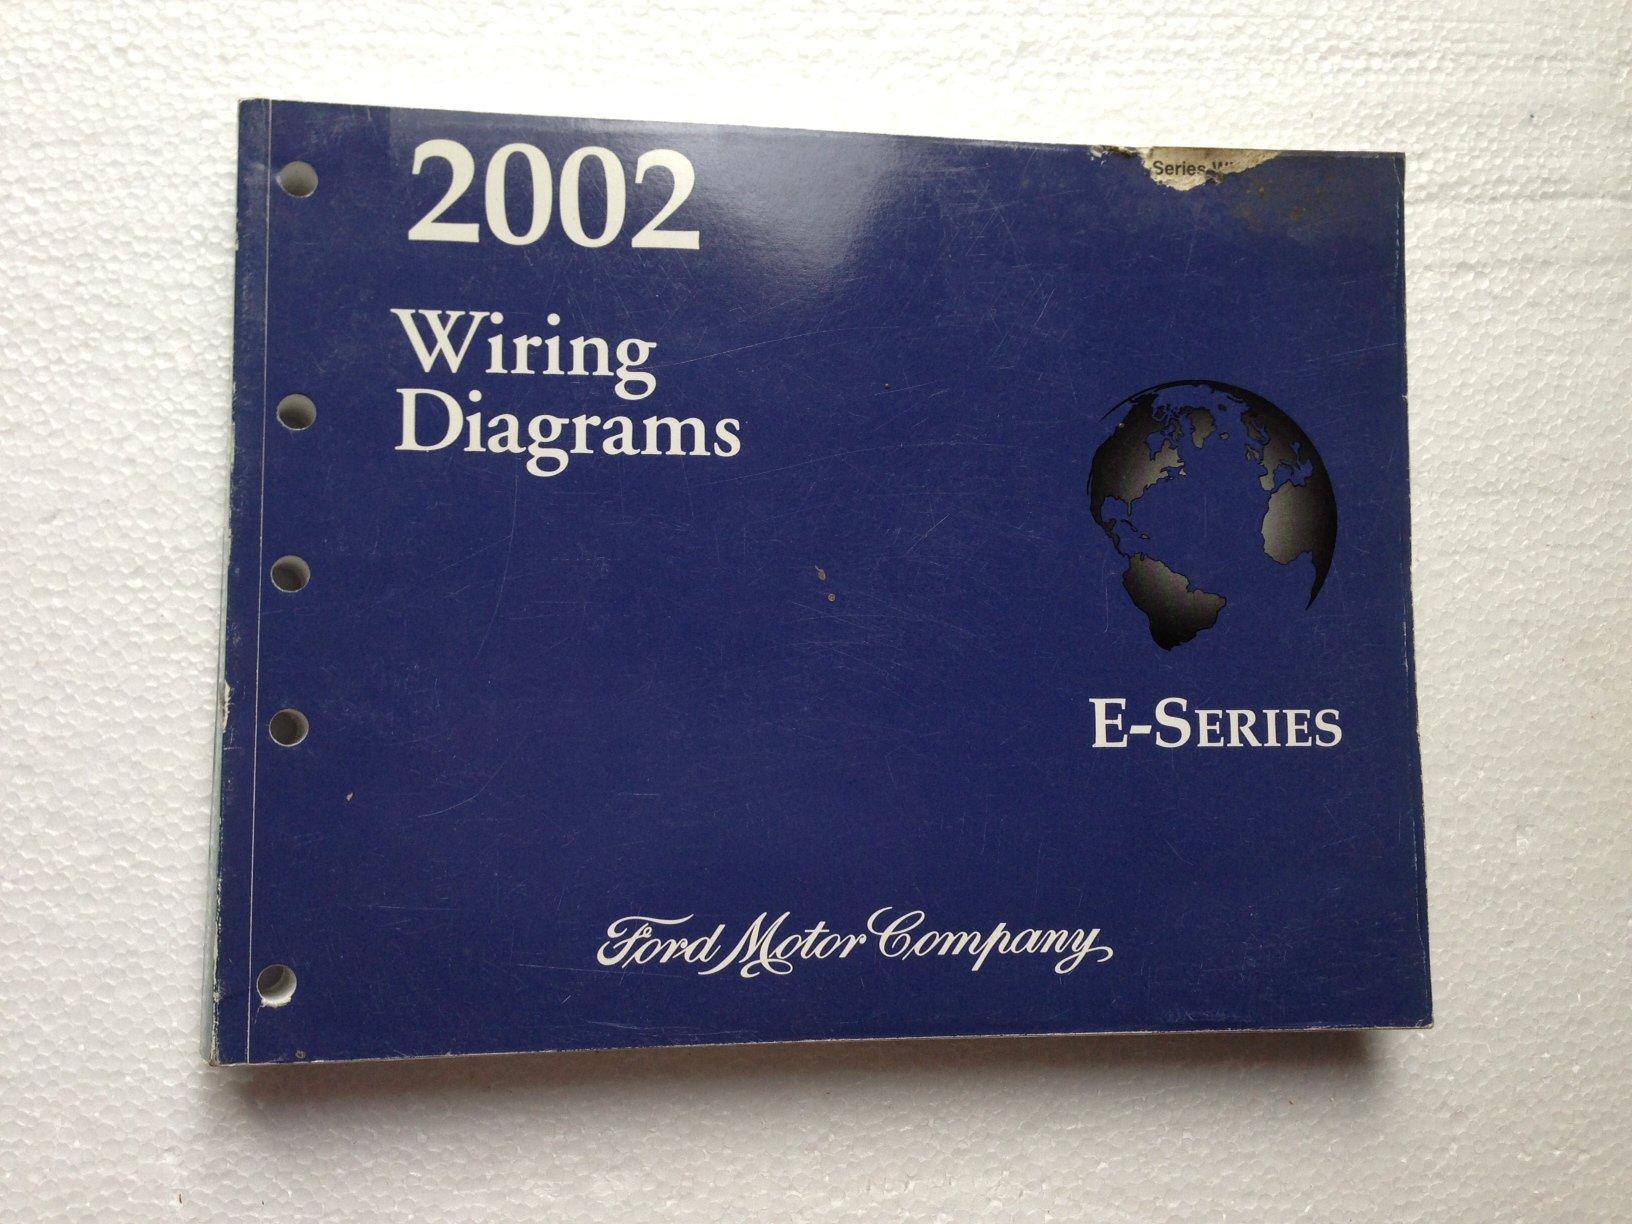 2002 ford e-series wiring diagrams (econoline, e-150 to e-550): ford motor  company: amazon com: books